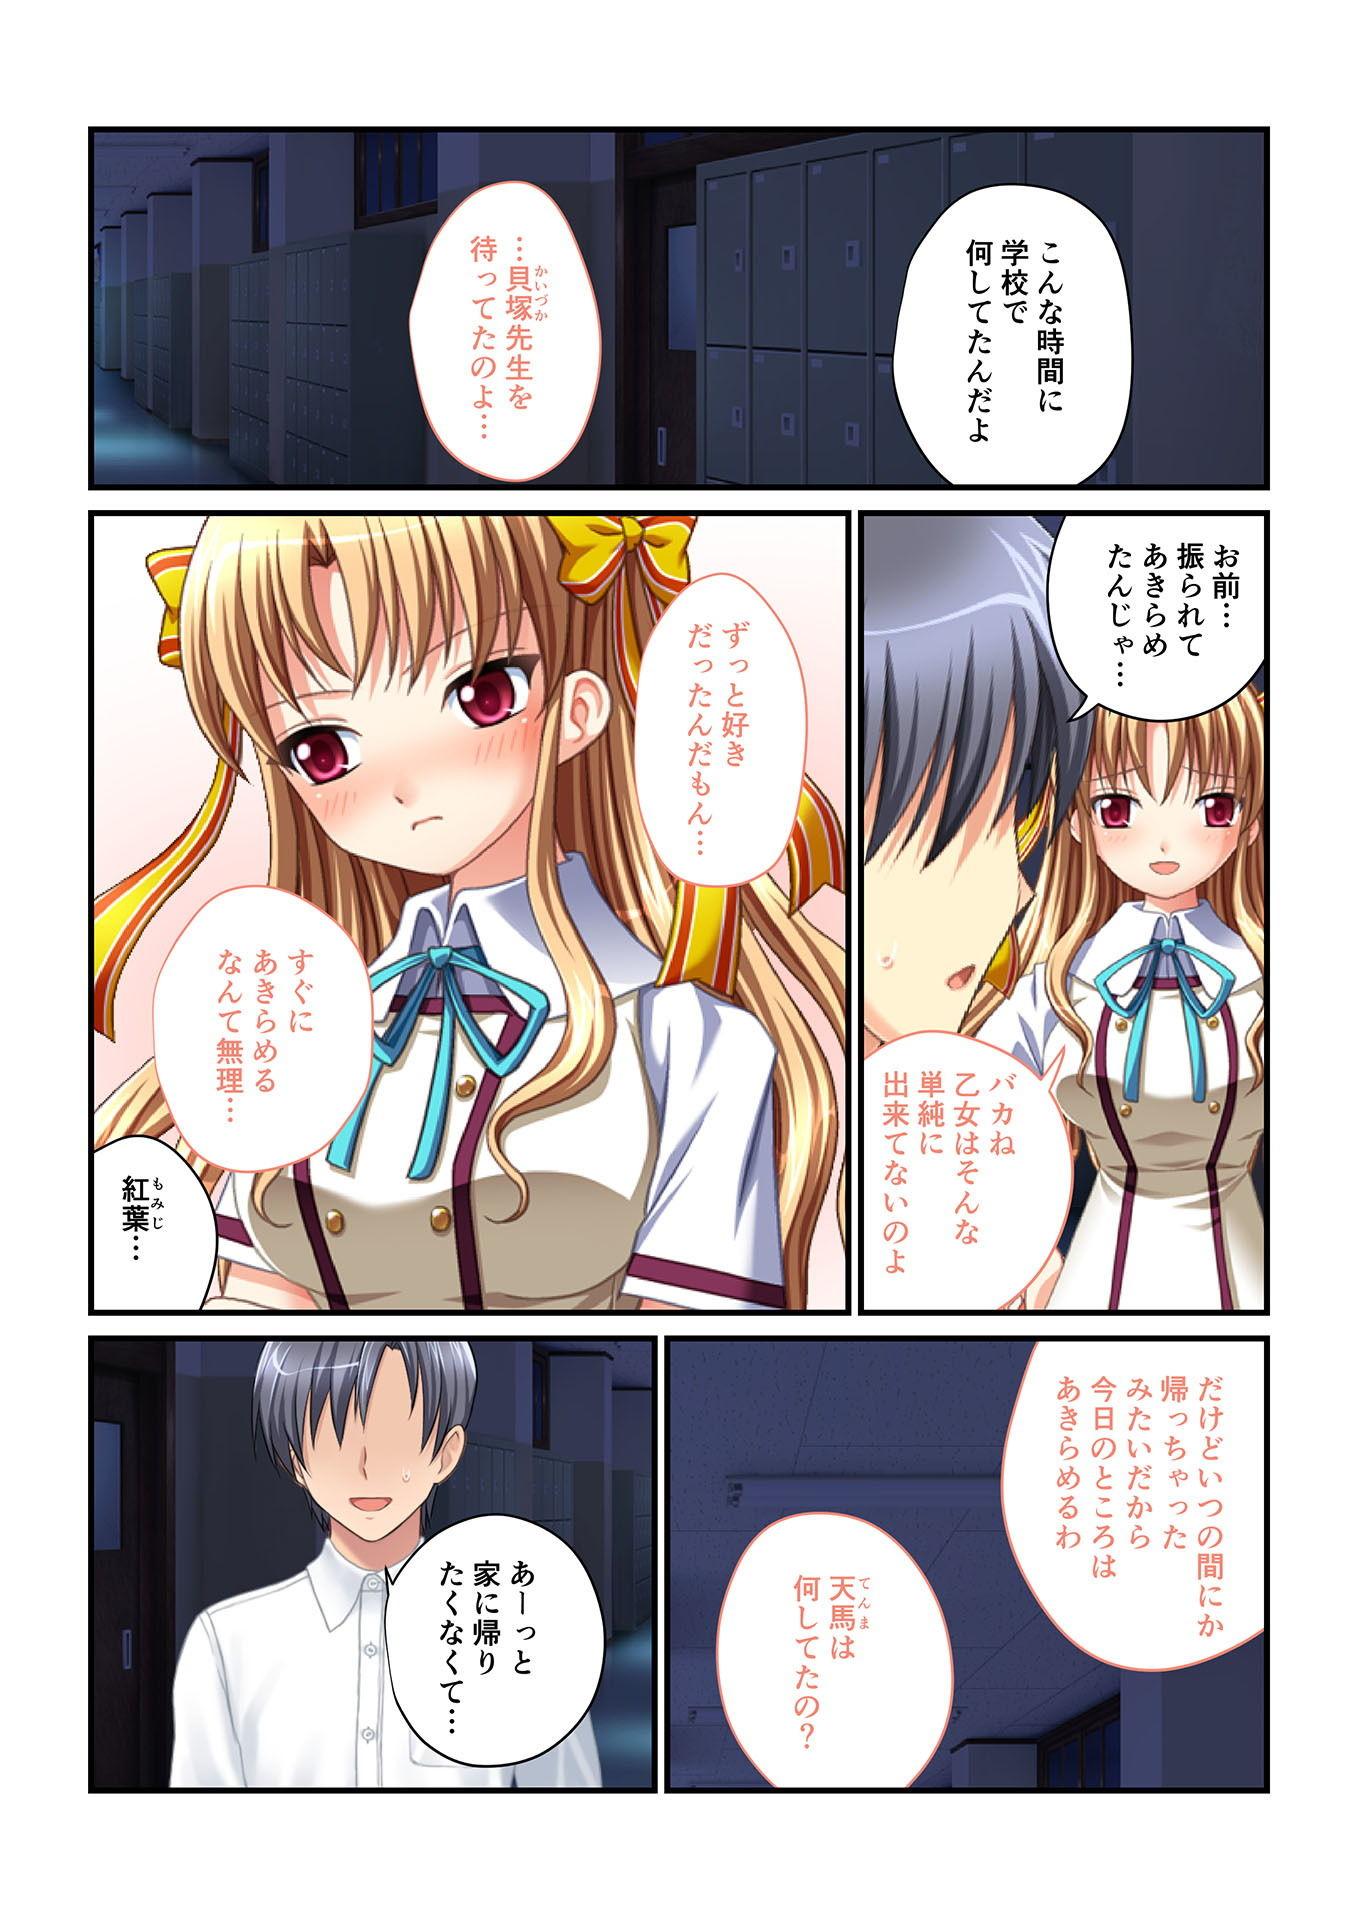 【AIR 同人】同級生ハーレム!~絶対孕ませ子作りエッチ~(4)フルカラーコミック版